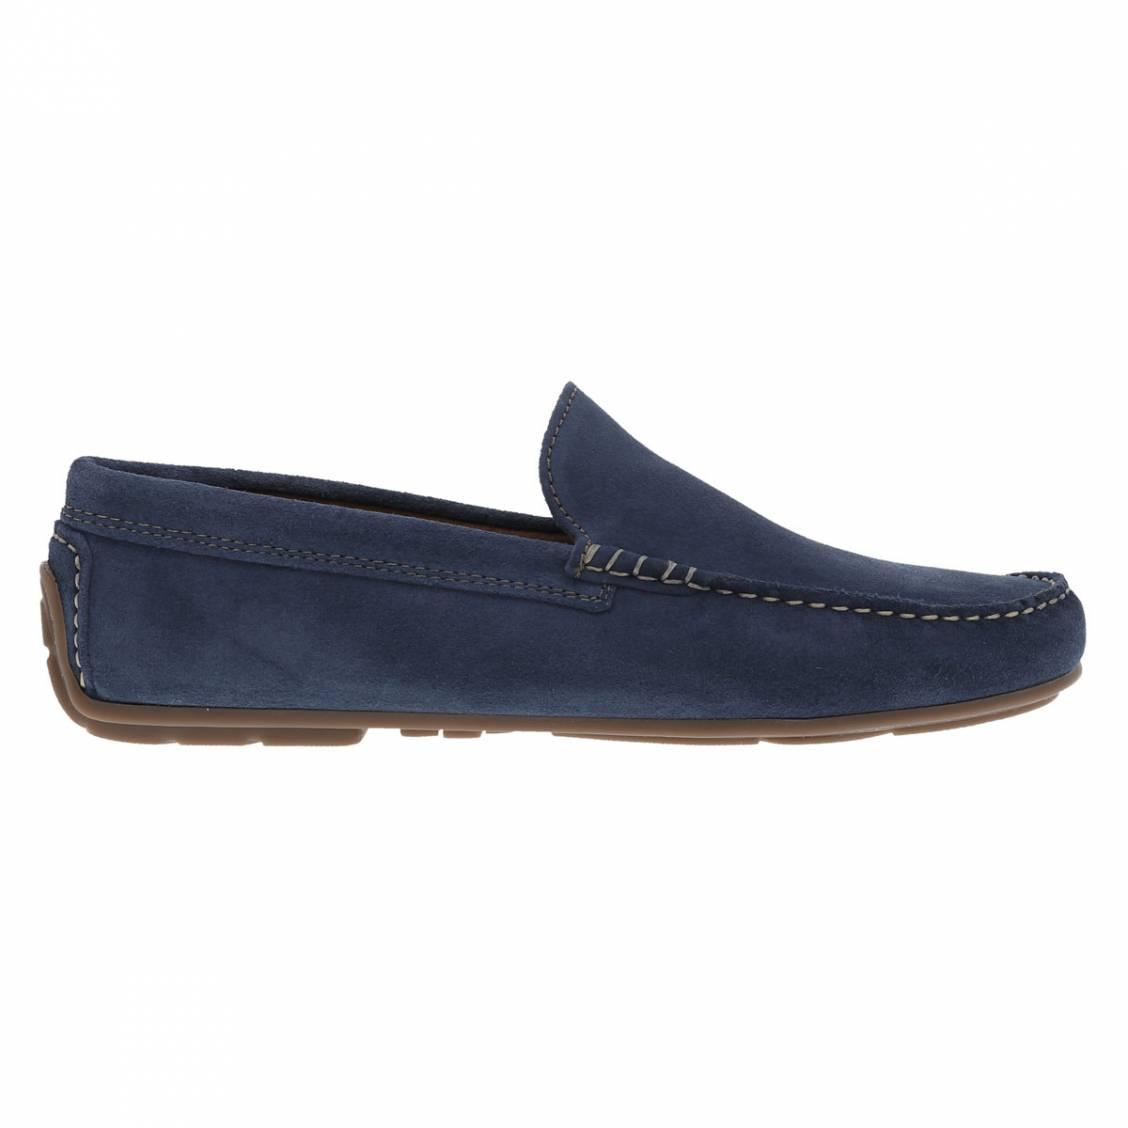 Chaussures bateau en croute de cuir bleu marine. Chaussures bateau en croute de cuir bleu marine